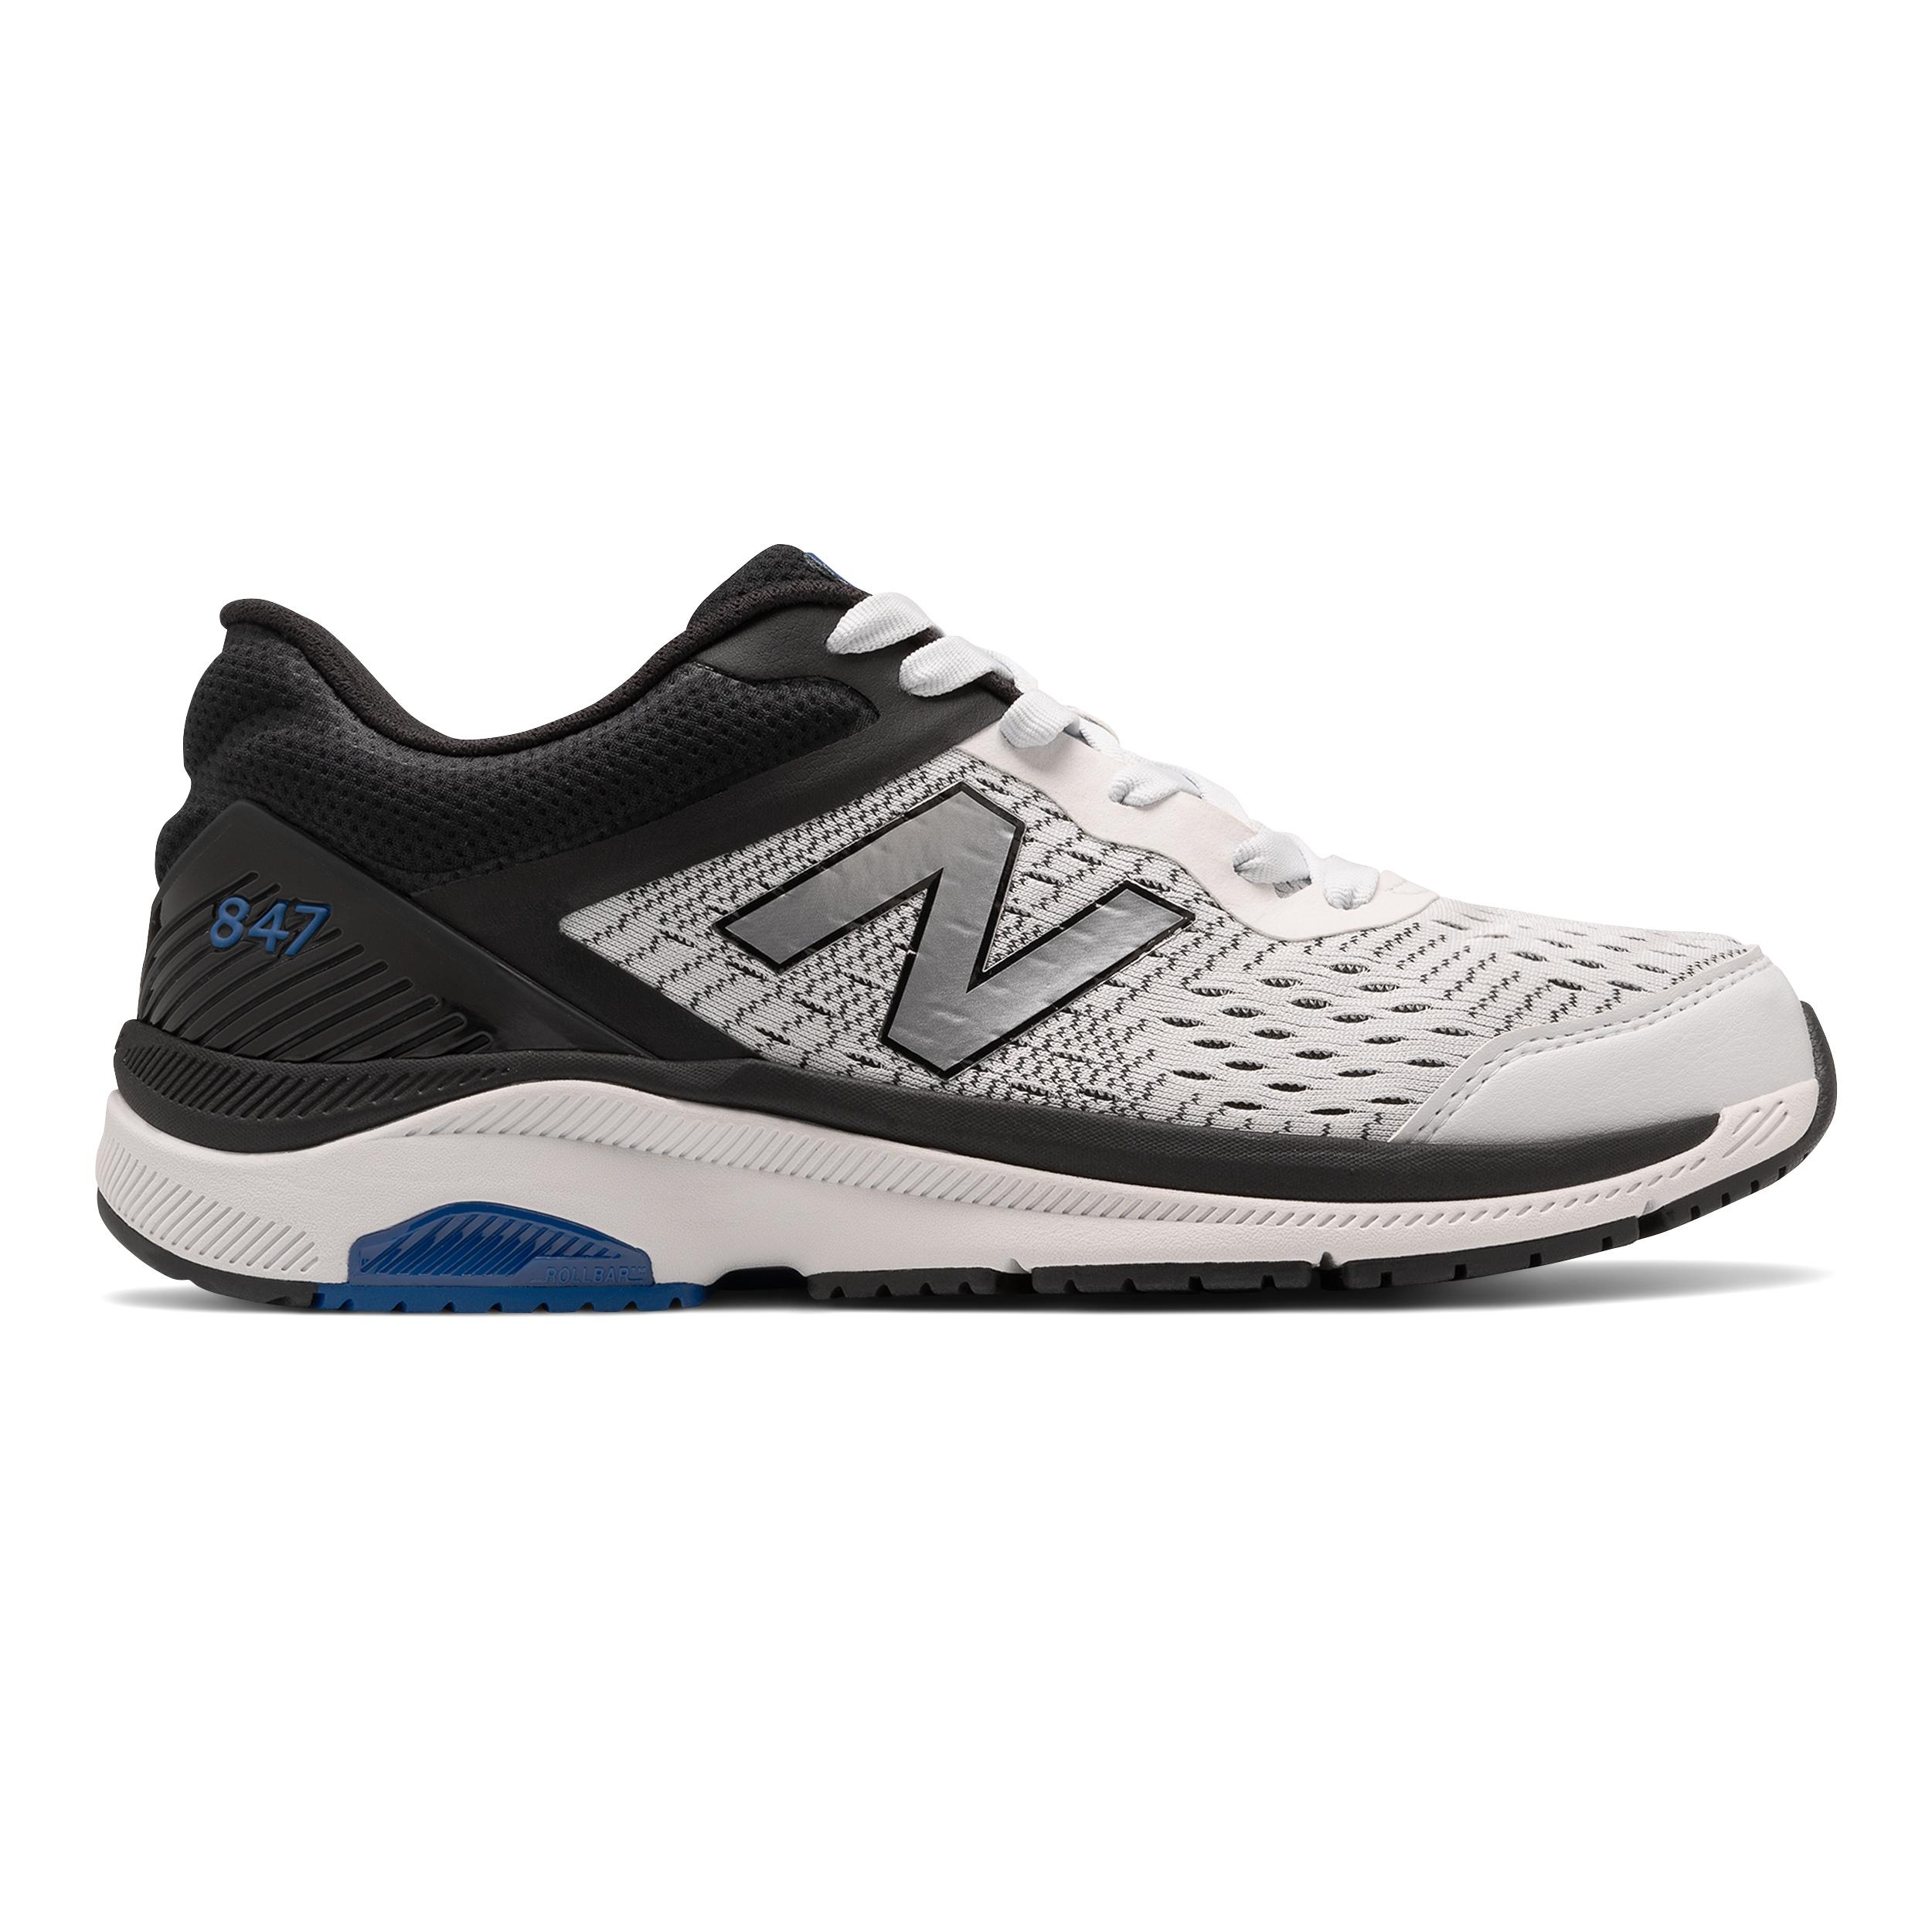 New Balance 847v4 Walking | ShoeStores.com